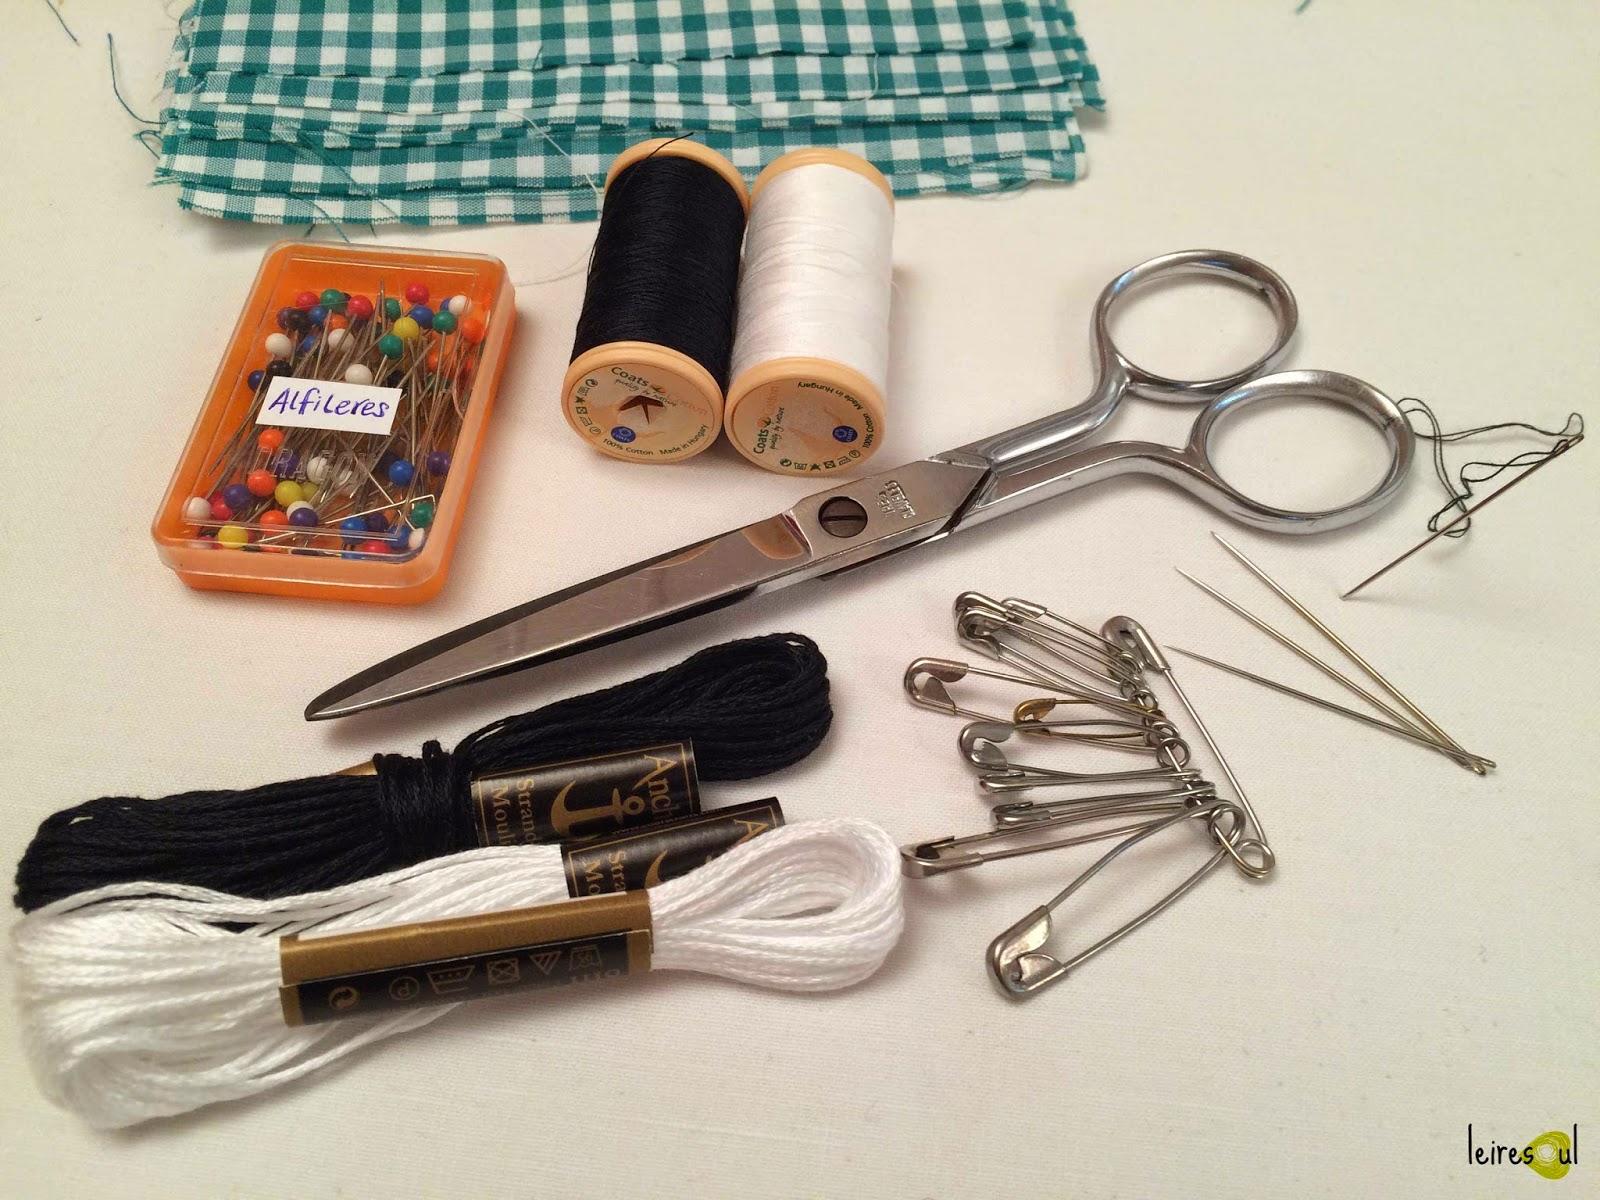 ¿qué necesito para coser?